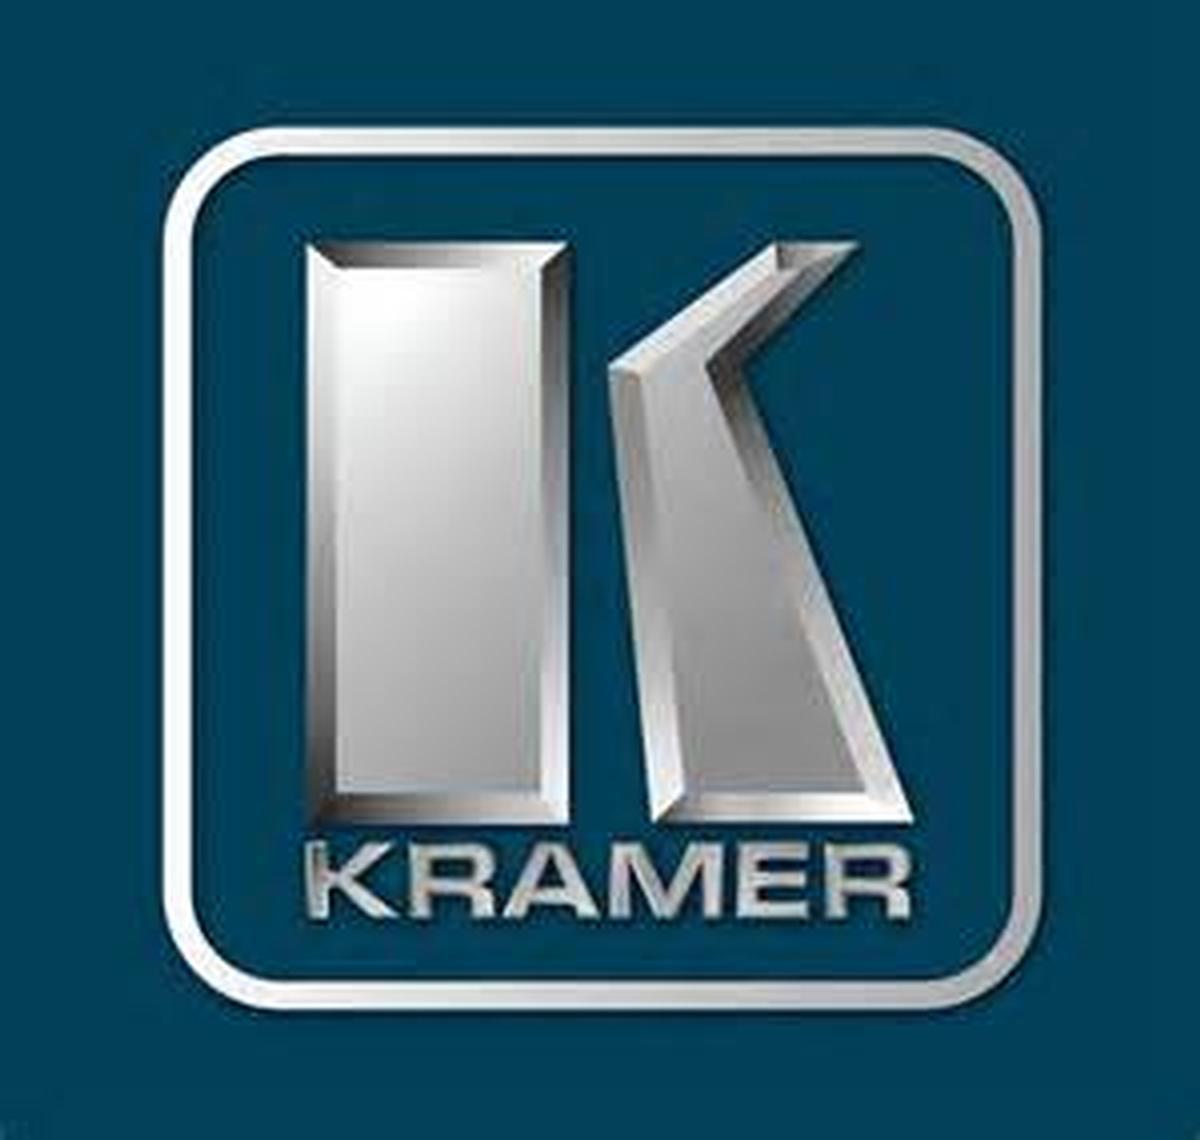 Pvc Vs Plenum Cable : Kramer bcp s plenum rated awg